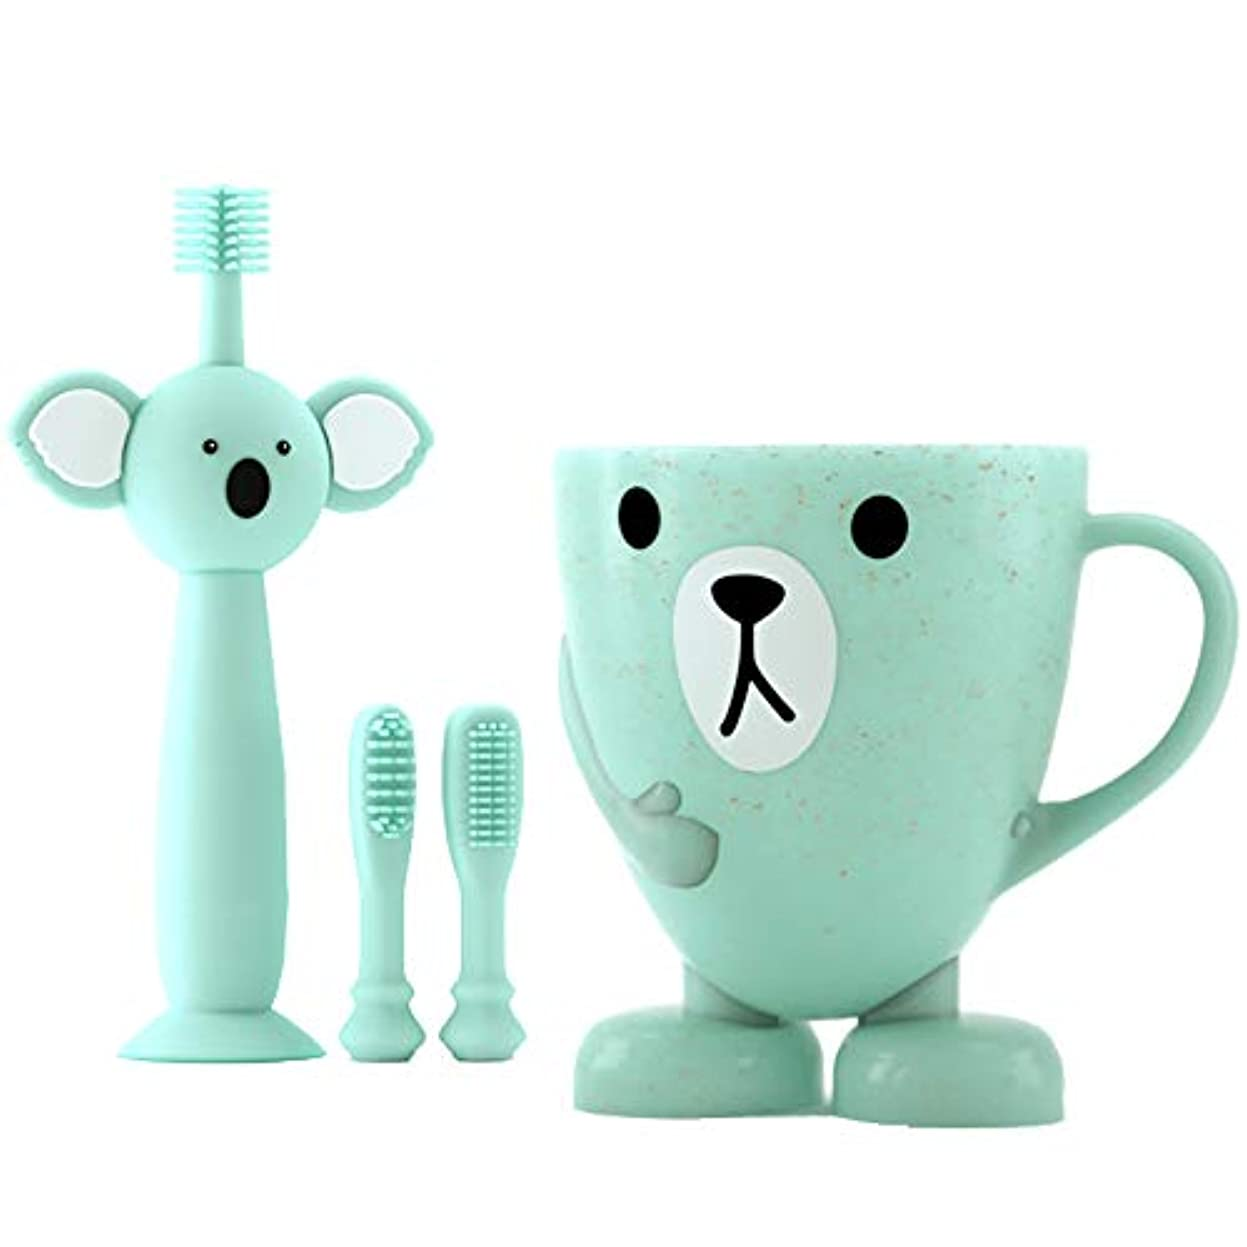 ピケサーキットに行く兄LUDNEE 子供用歯ブラシ 男女兼用 柔らかい 乳歯を保護する ベビー歯ブラシ シリコン歯ブラシ 乳歯用ブラシ (ブルー)